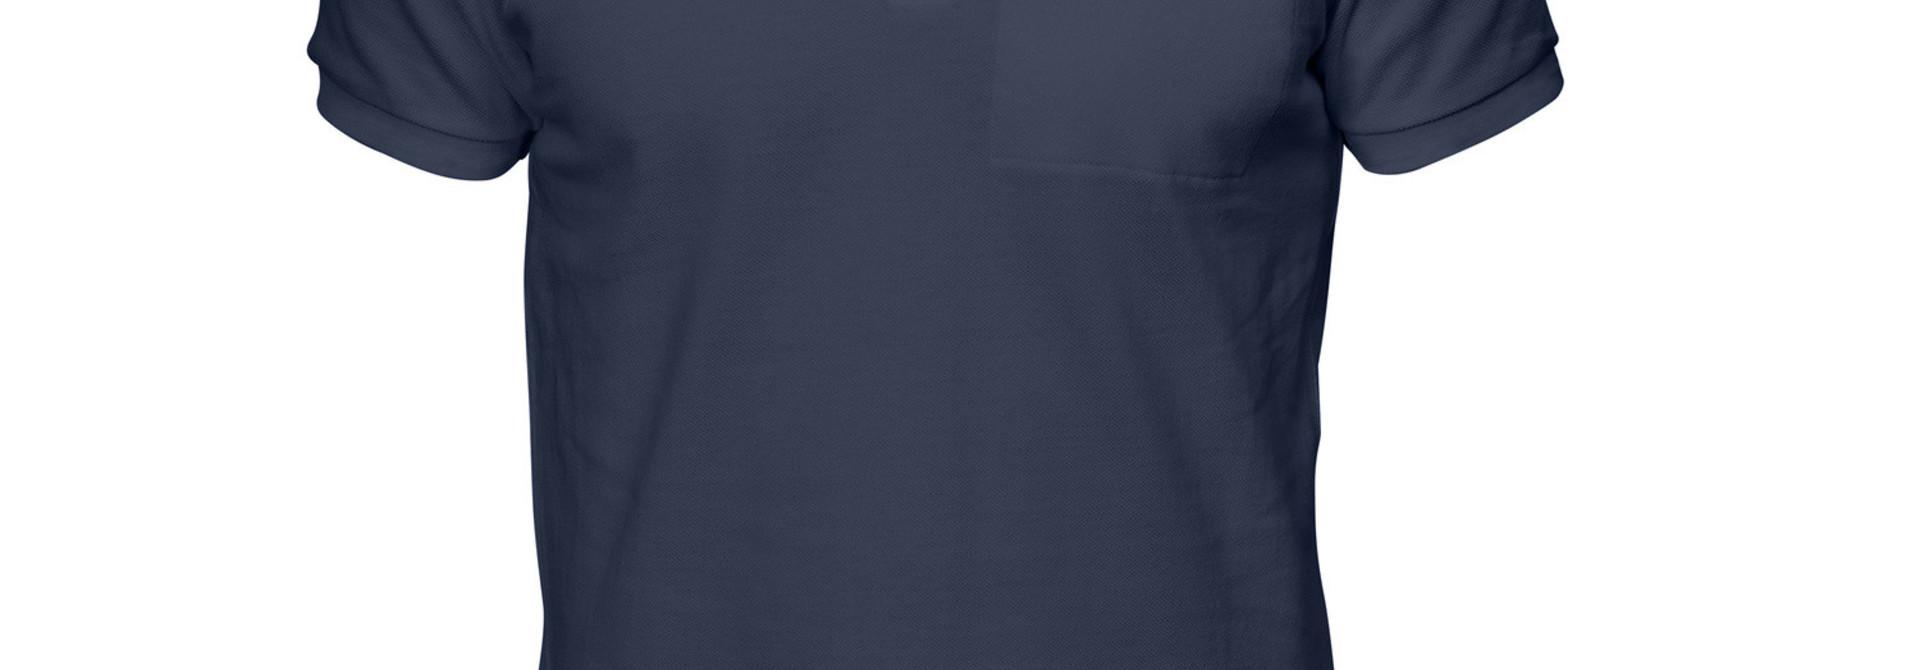 Fjällräven Greenland Polo Shirt M Dark Navy